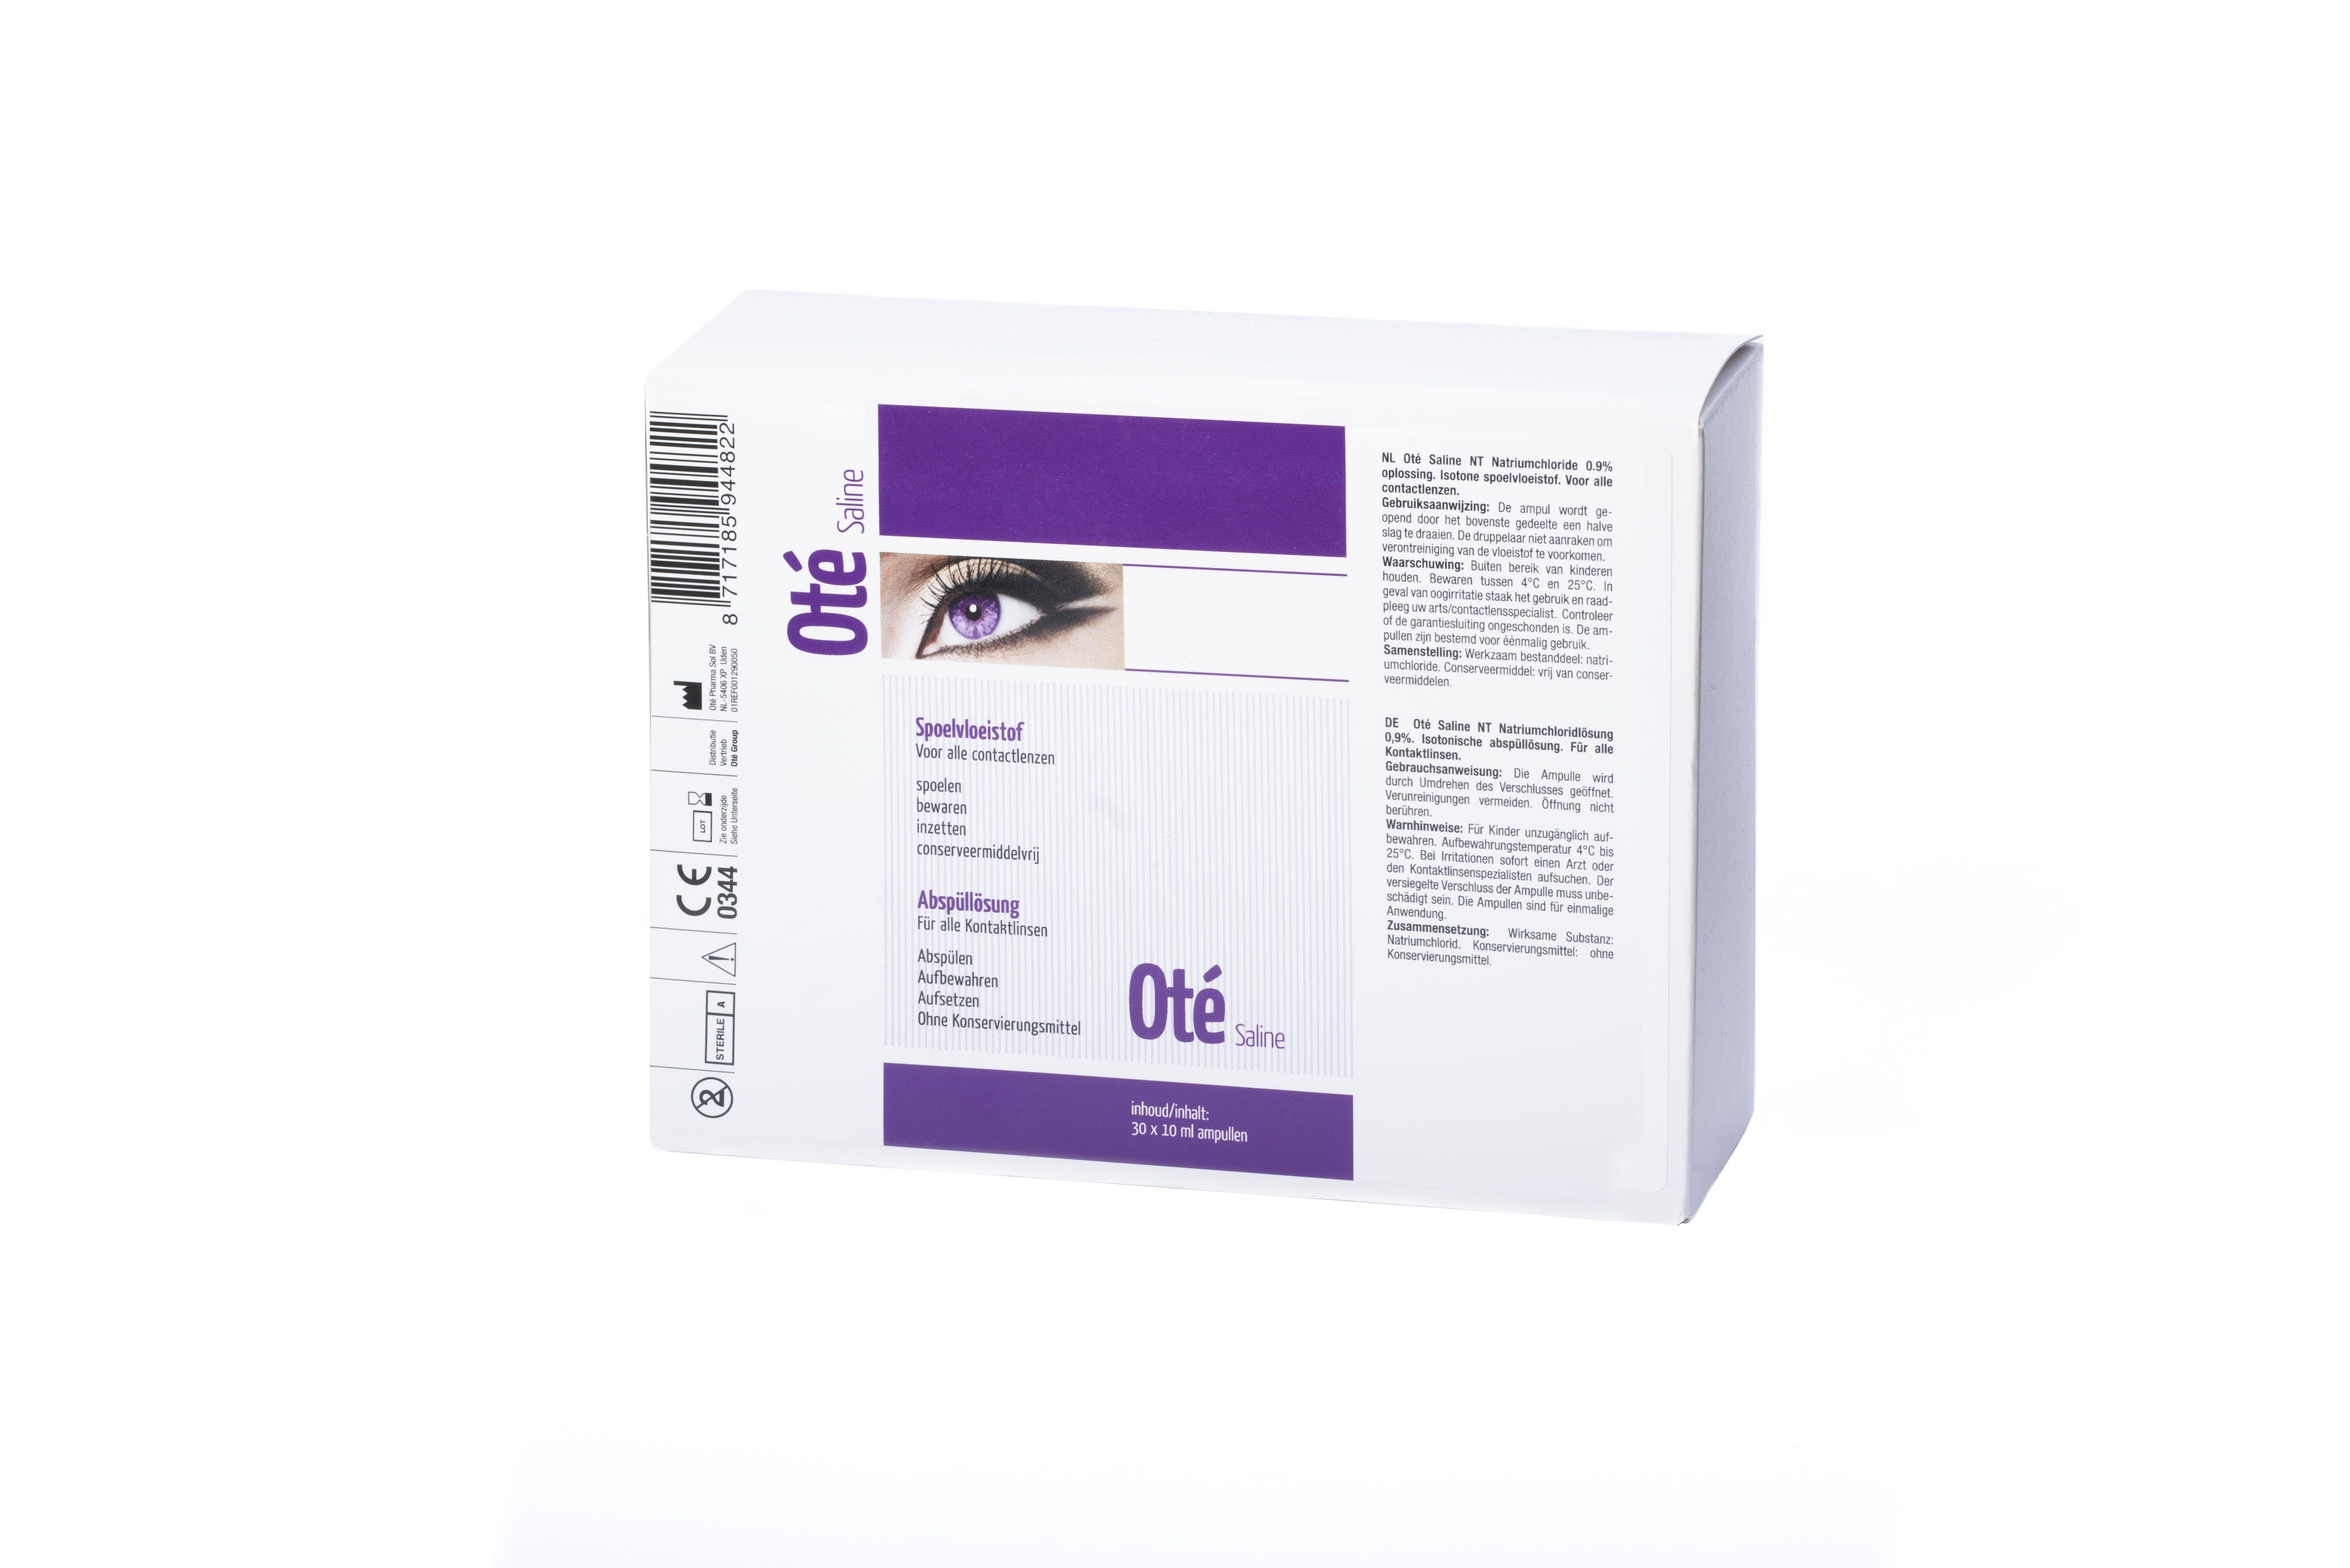 OTE Saline Ampullen (30 * 10 ML)